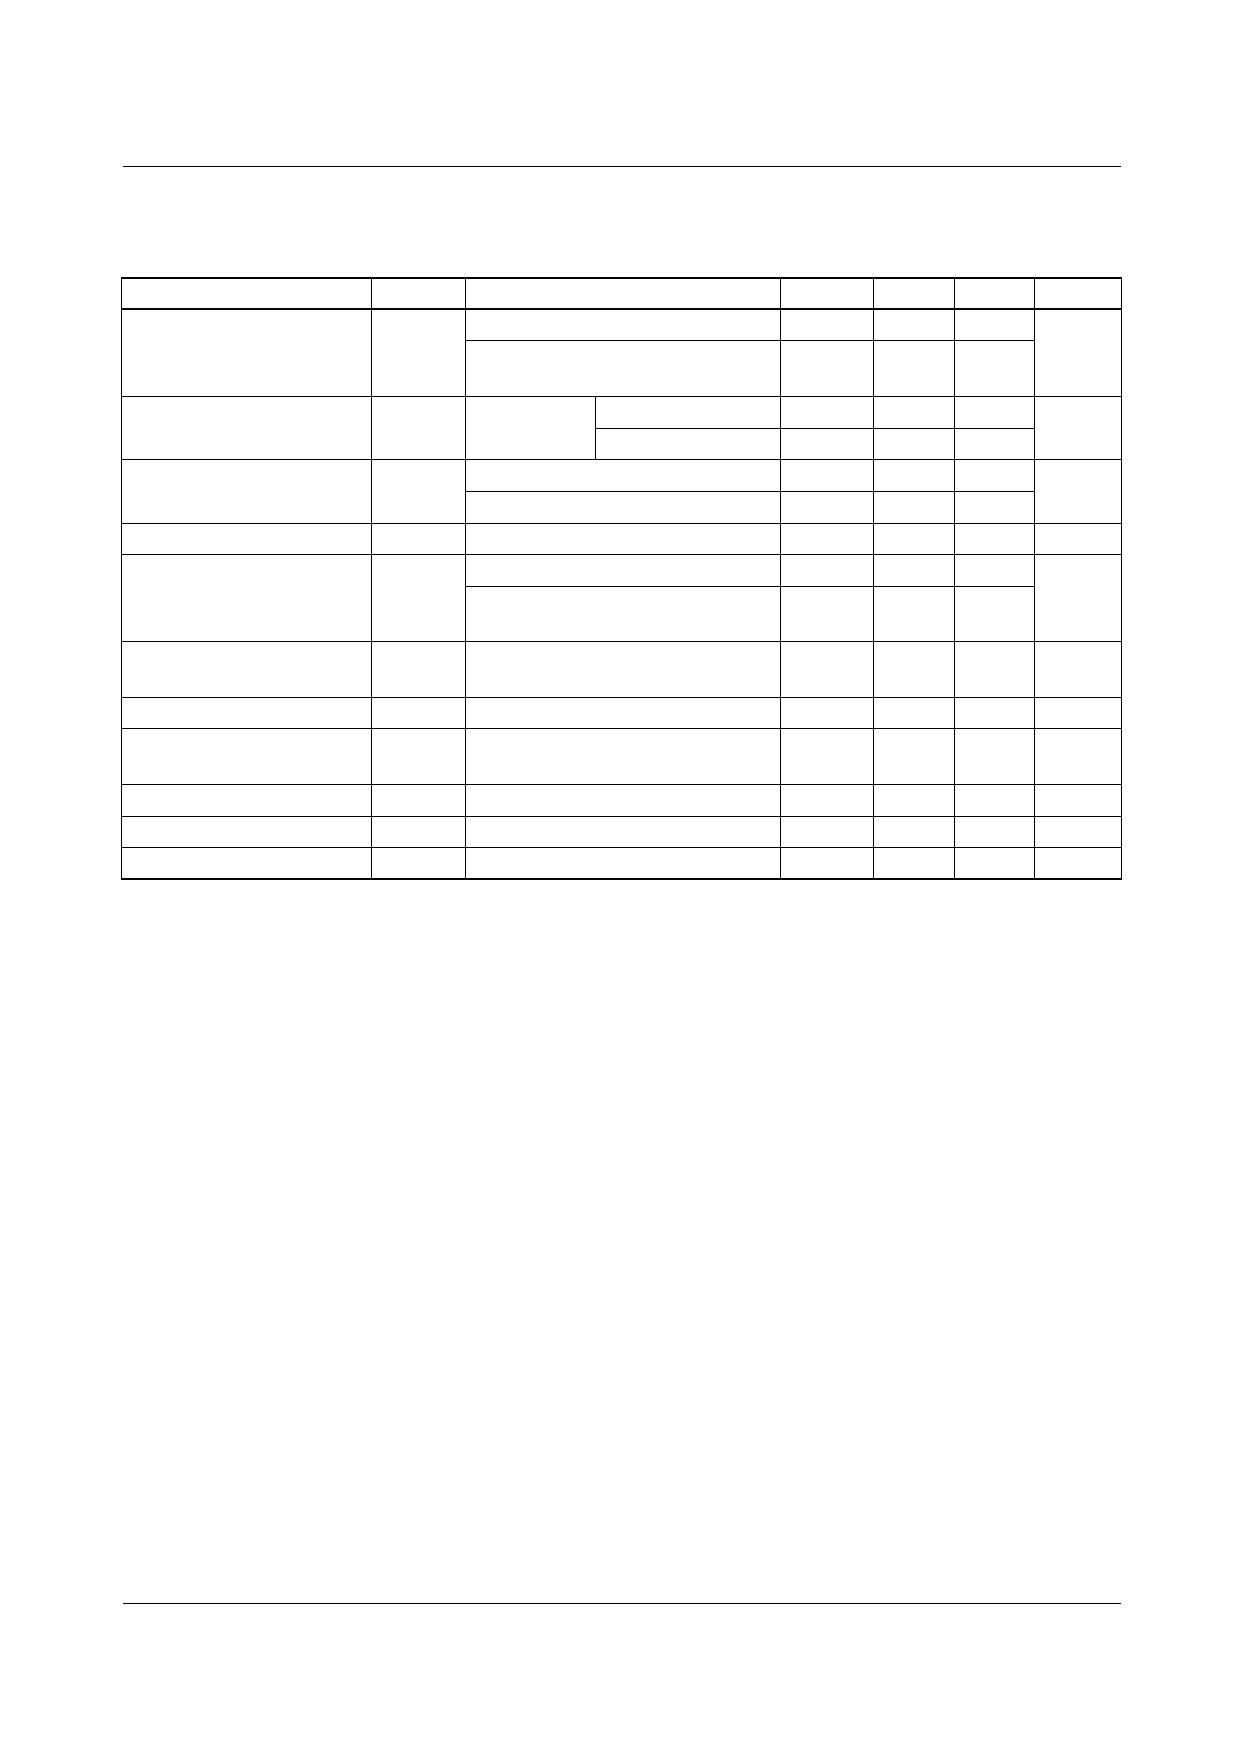 KA78M20R pdf, ピン配列